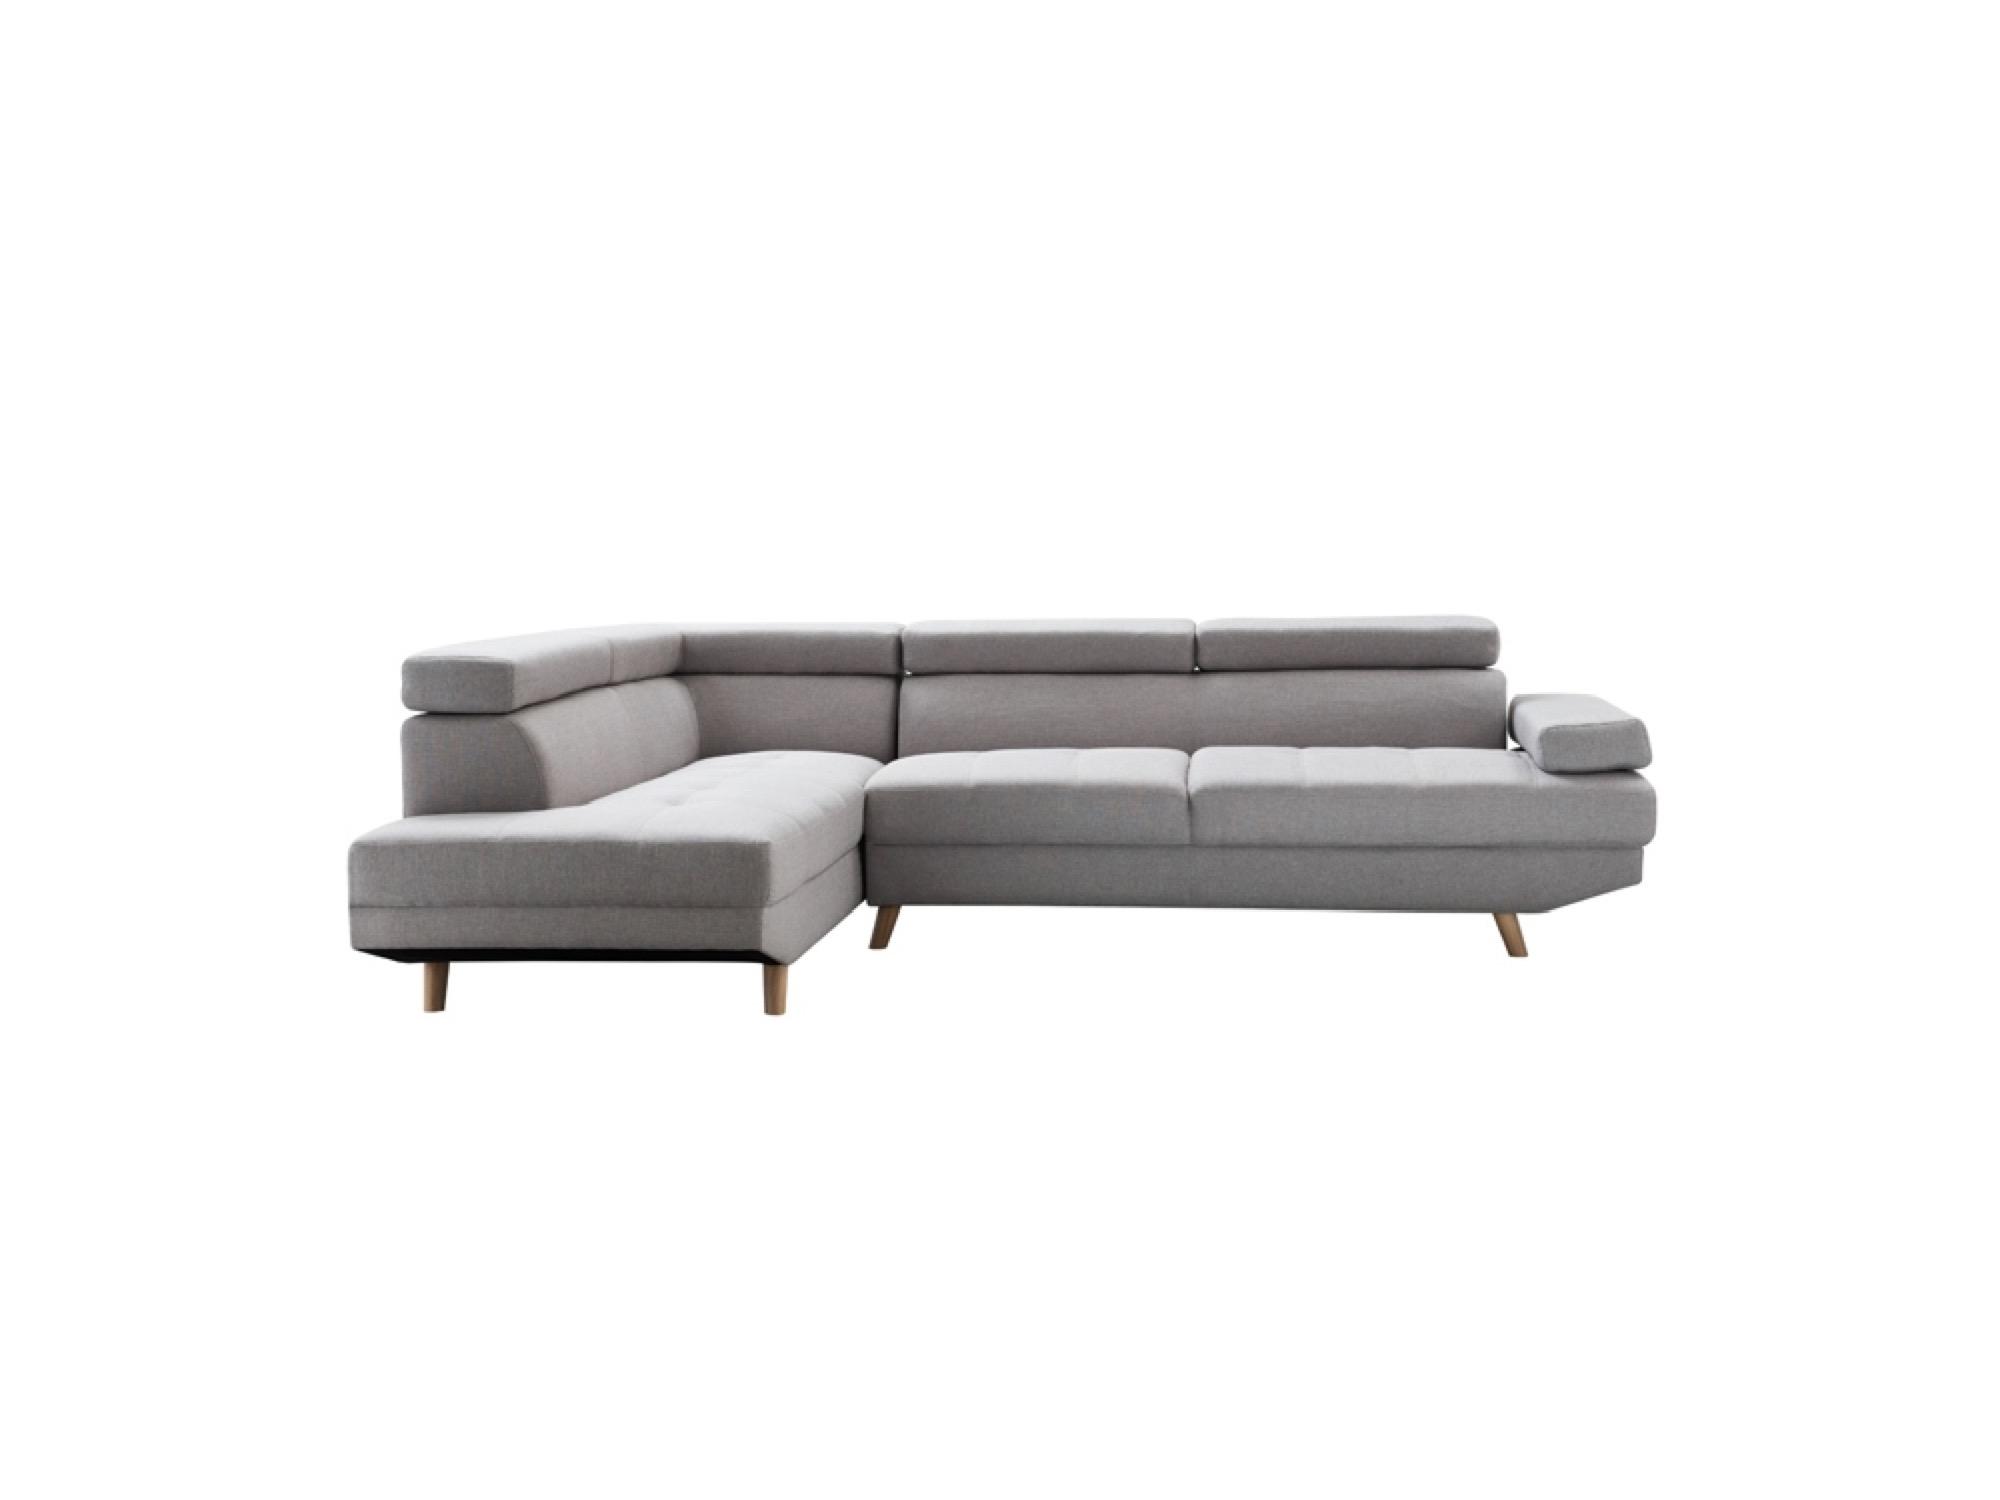 Canapé d'angle gauche Scandinave 4 places en tissu gris clair